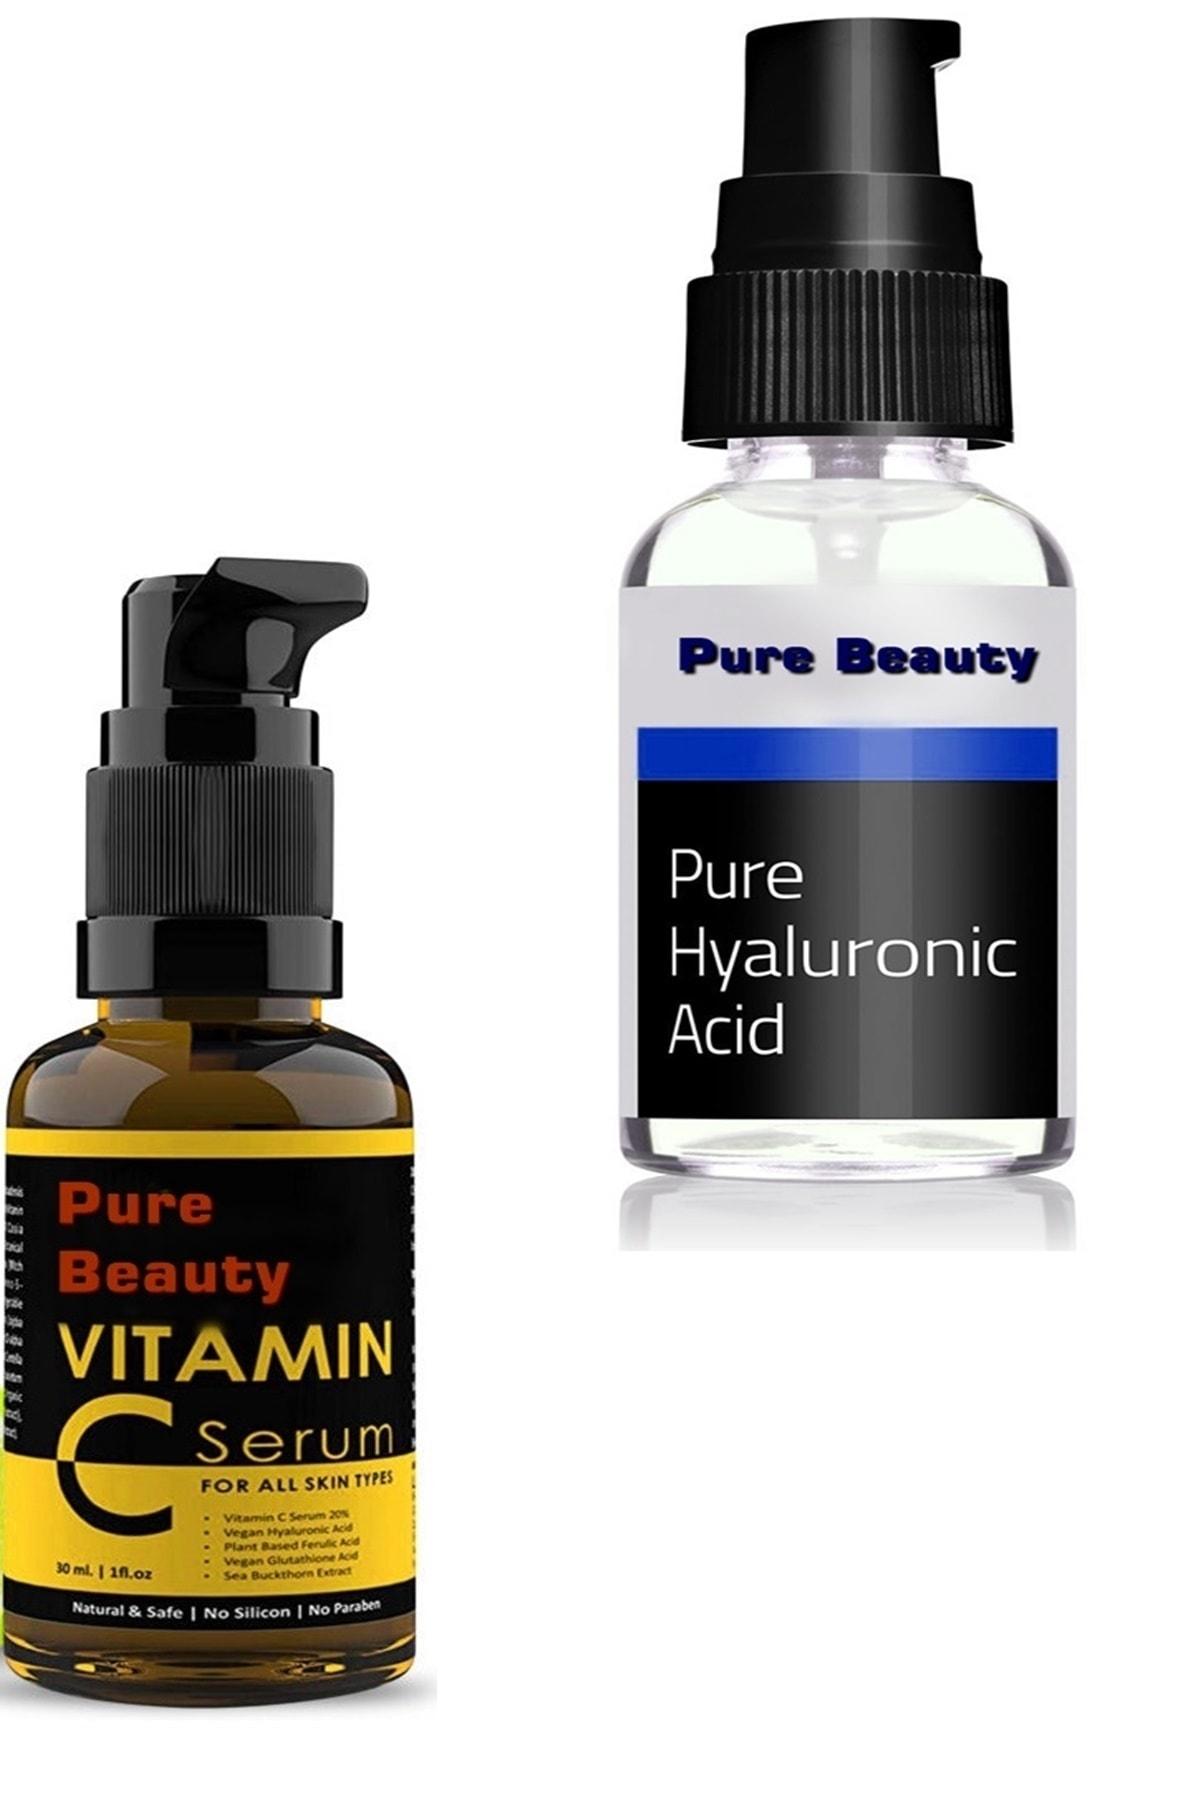 Pure C Vıtamın Hyaluronıc Acid Cilt Serum Kırışıklık Karşıtı Hyaluronic Acid Krem Hediyeli 1